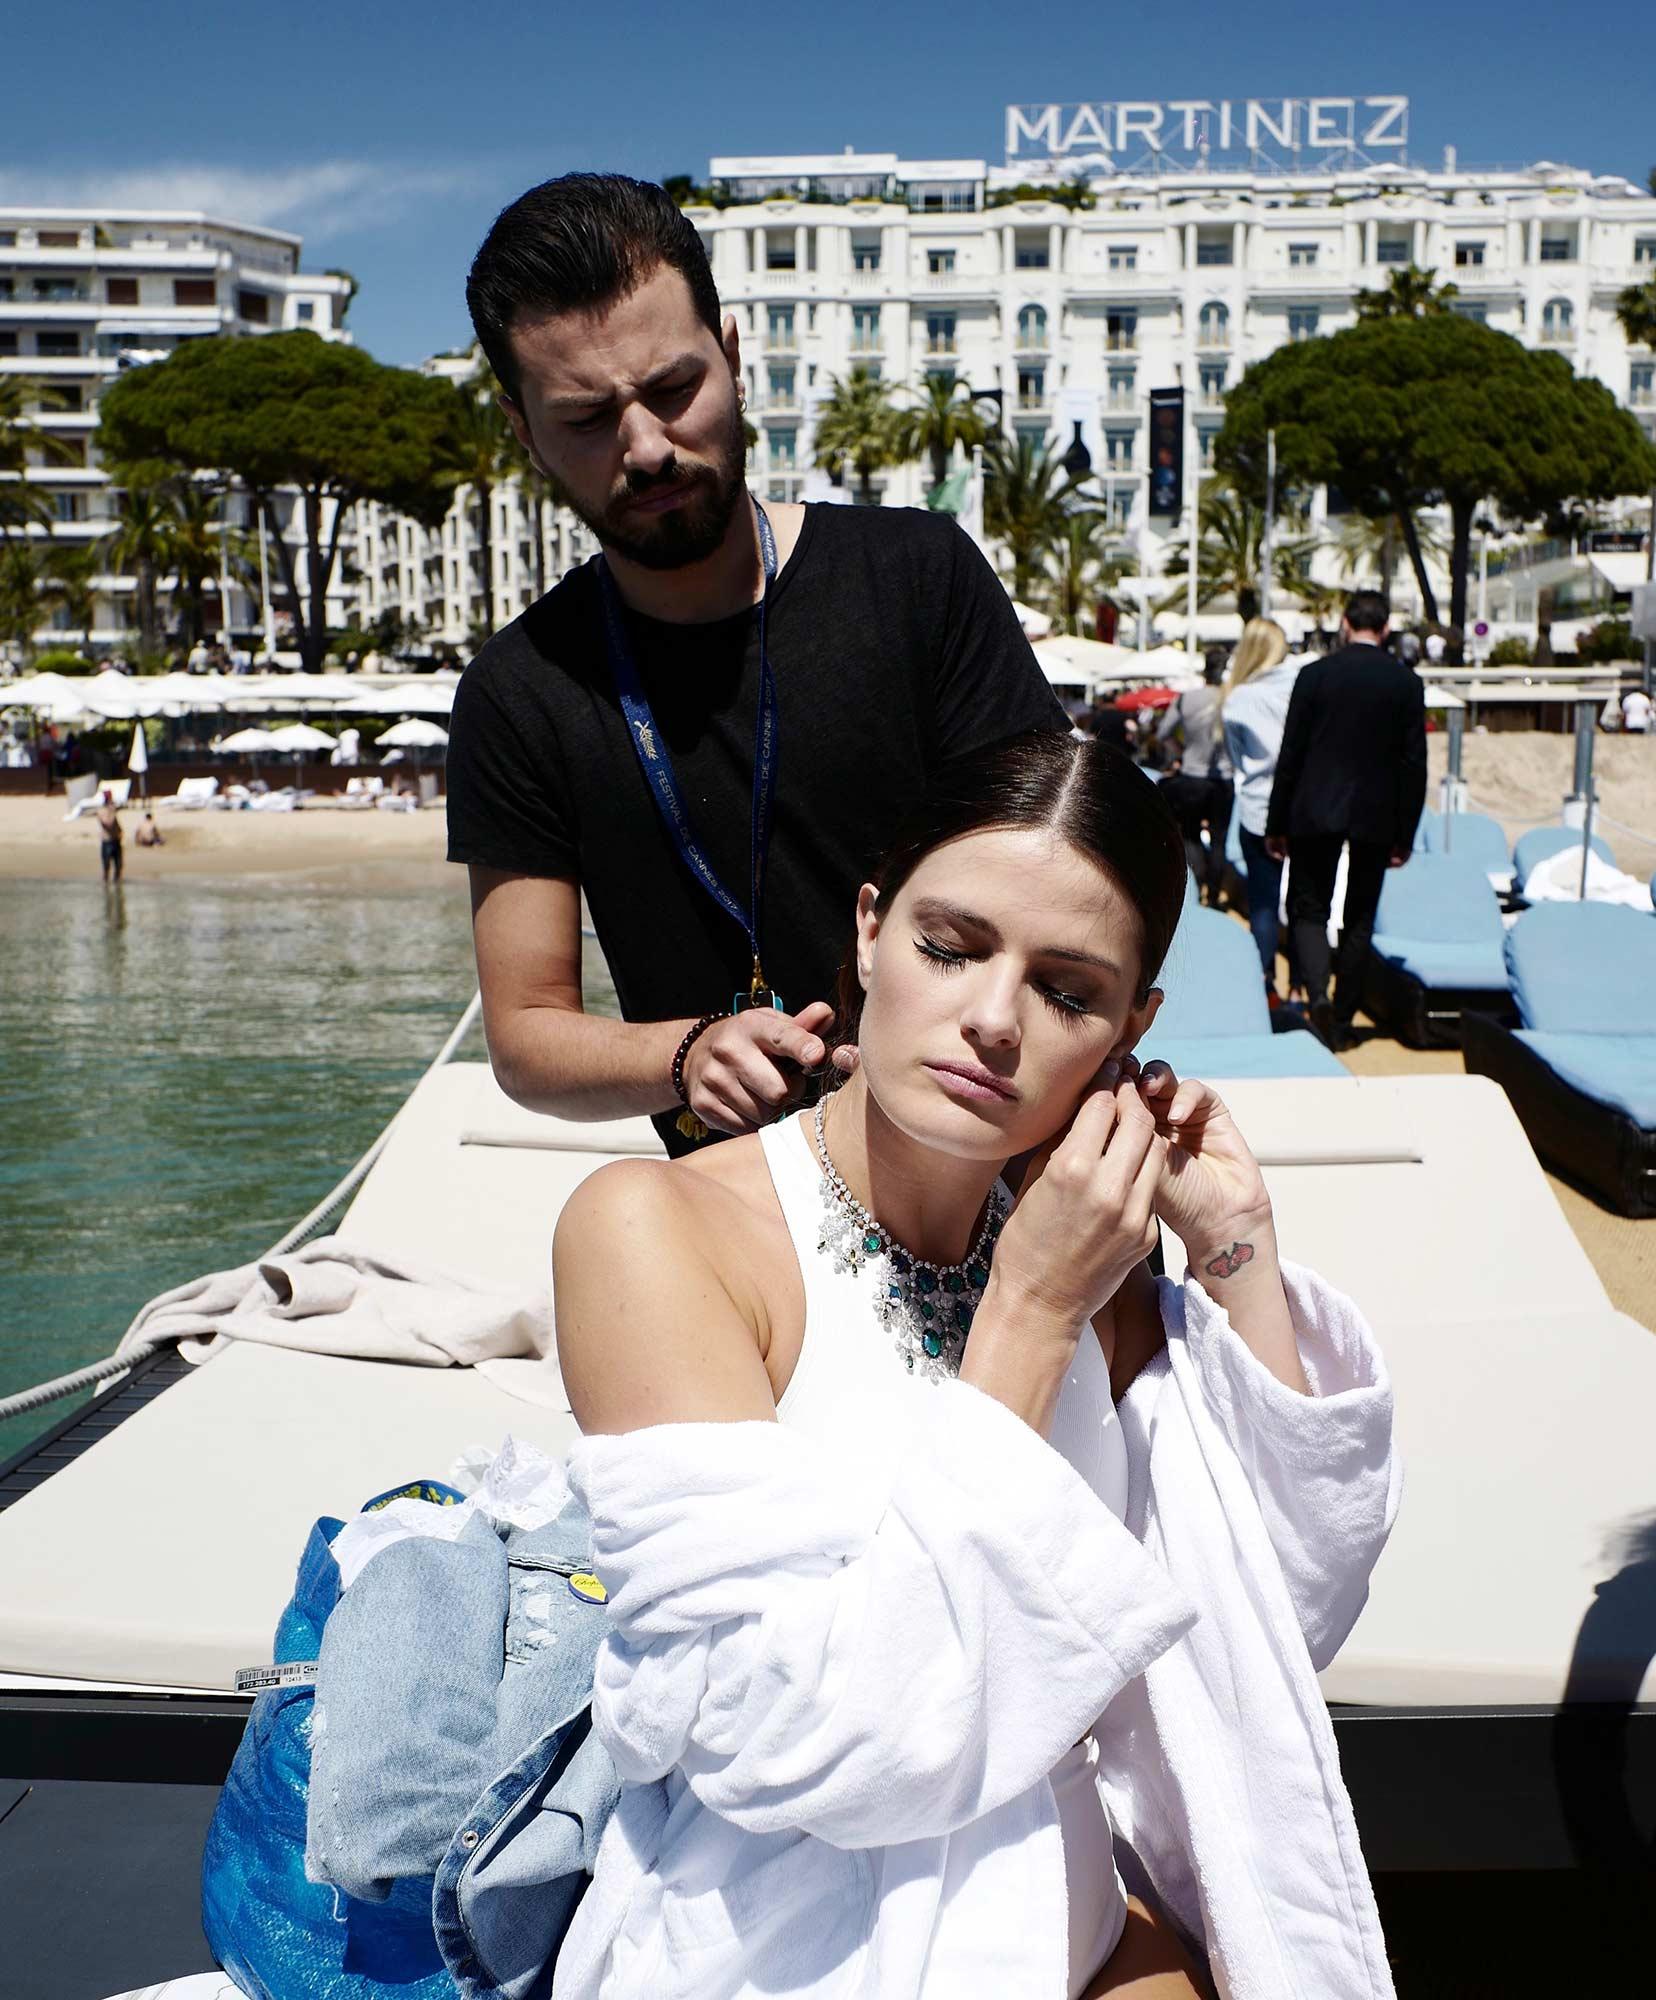 Cannes 2017 - Shooting Hola! - Isabeli Fontana, hair Luca De Bartolo